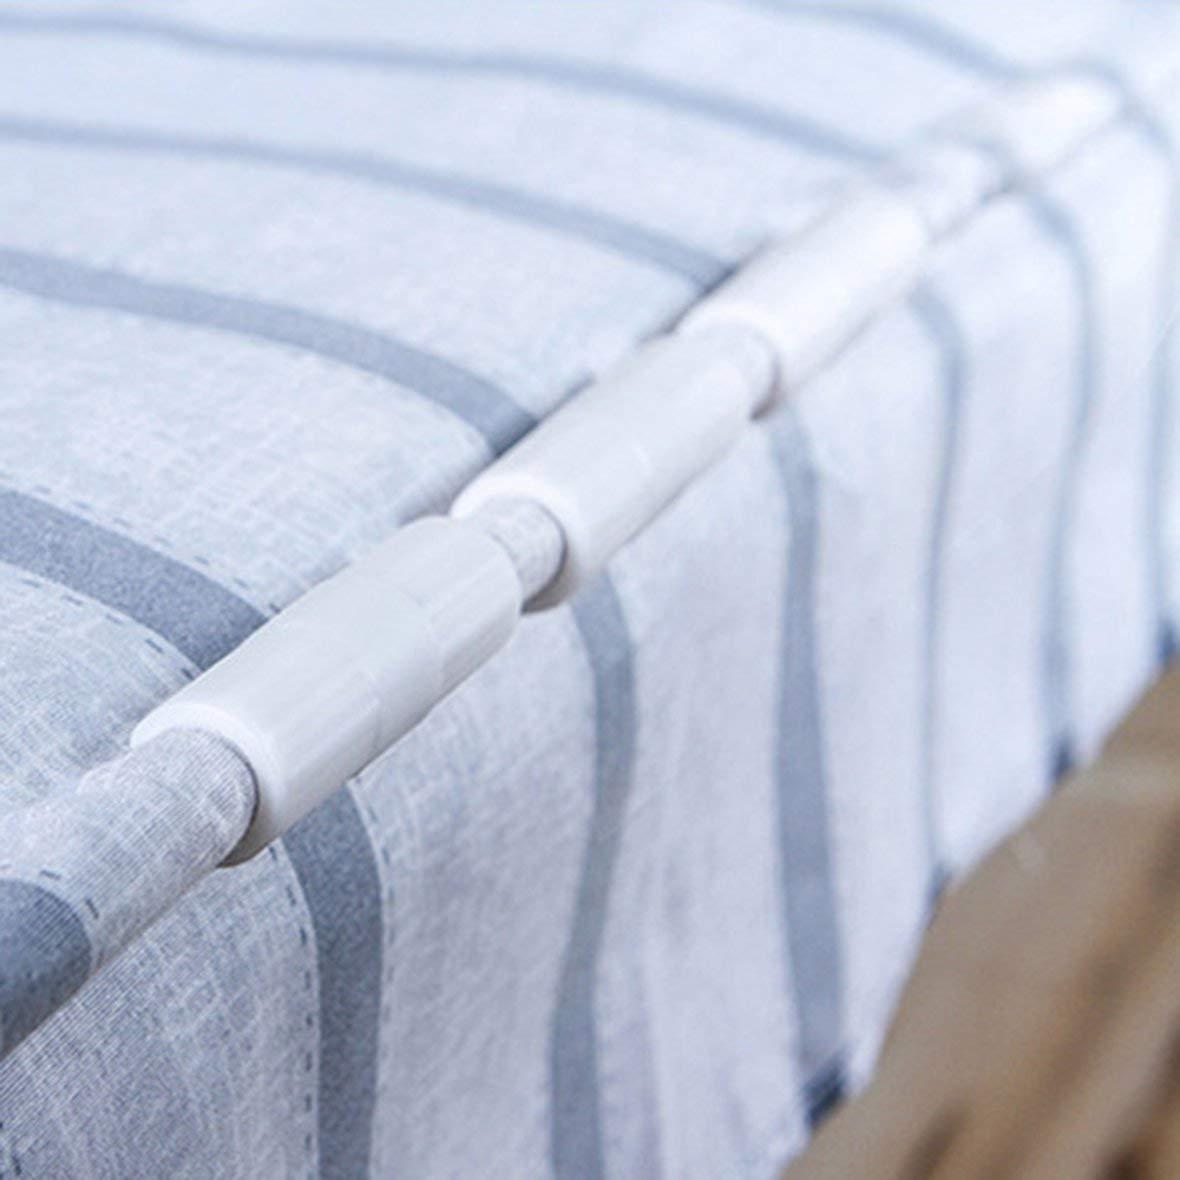 Blanc Migvela Pince de Fixation pour Drap de lit Clip de Fixation pour fixateur Fermeture de Drap de lit Boucle de Matelas antid/érapante Bride de Fermeture /étanche